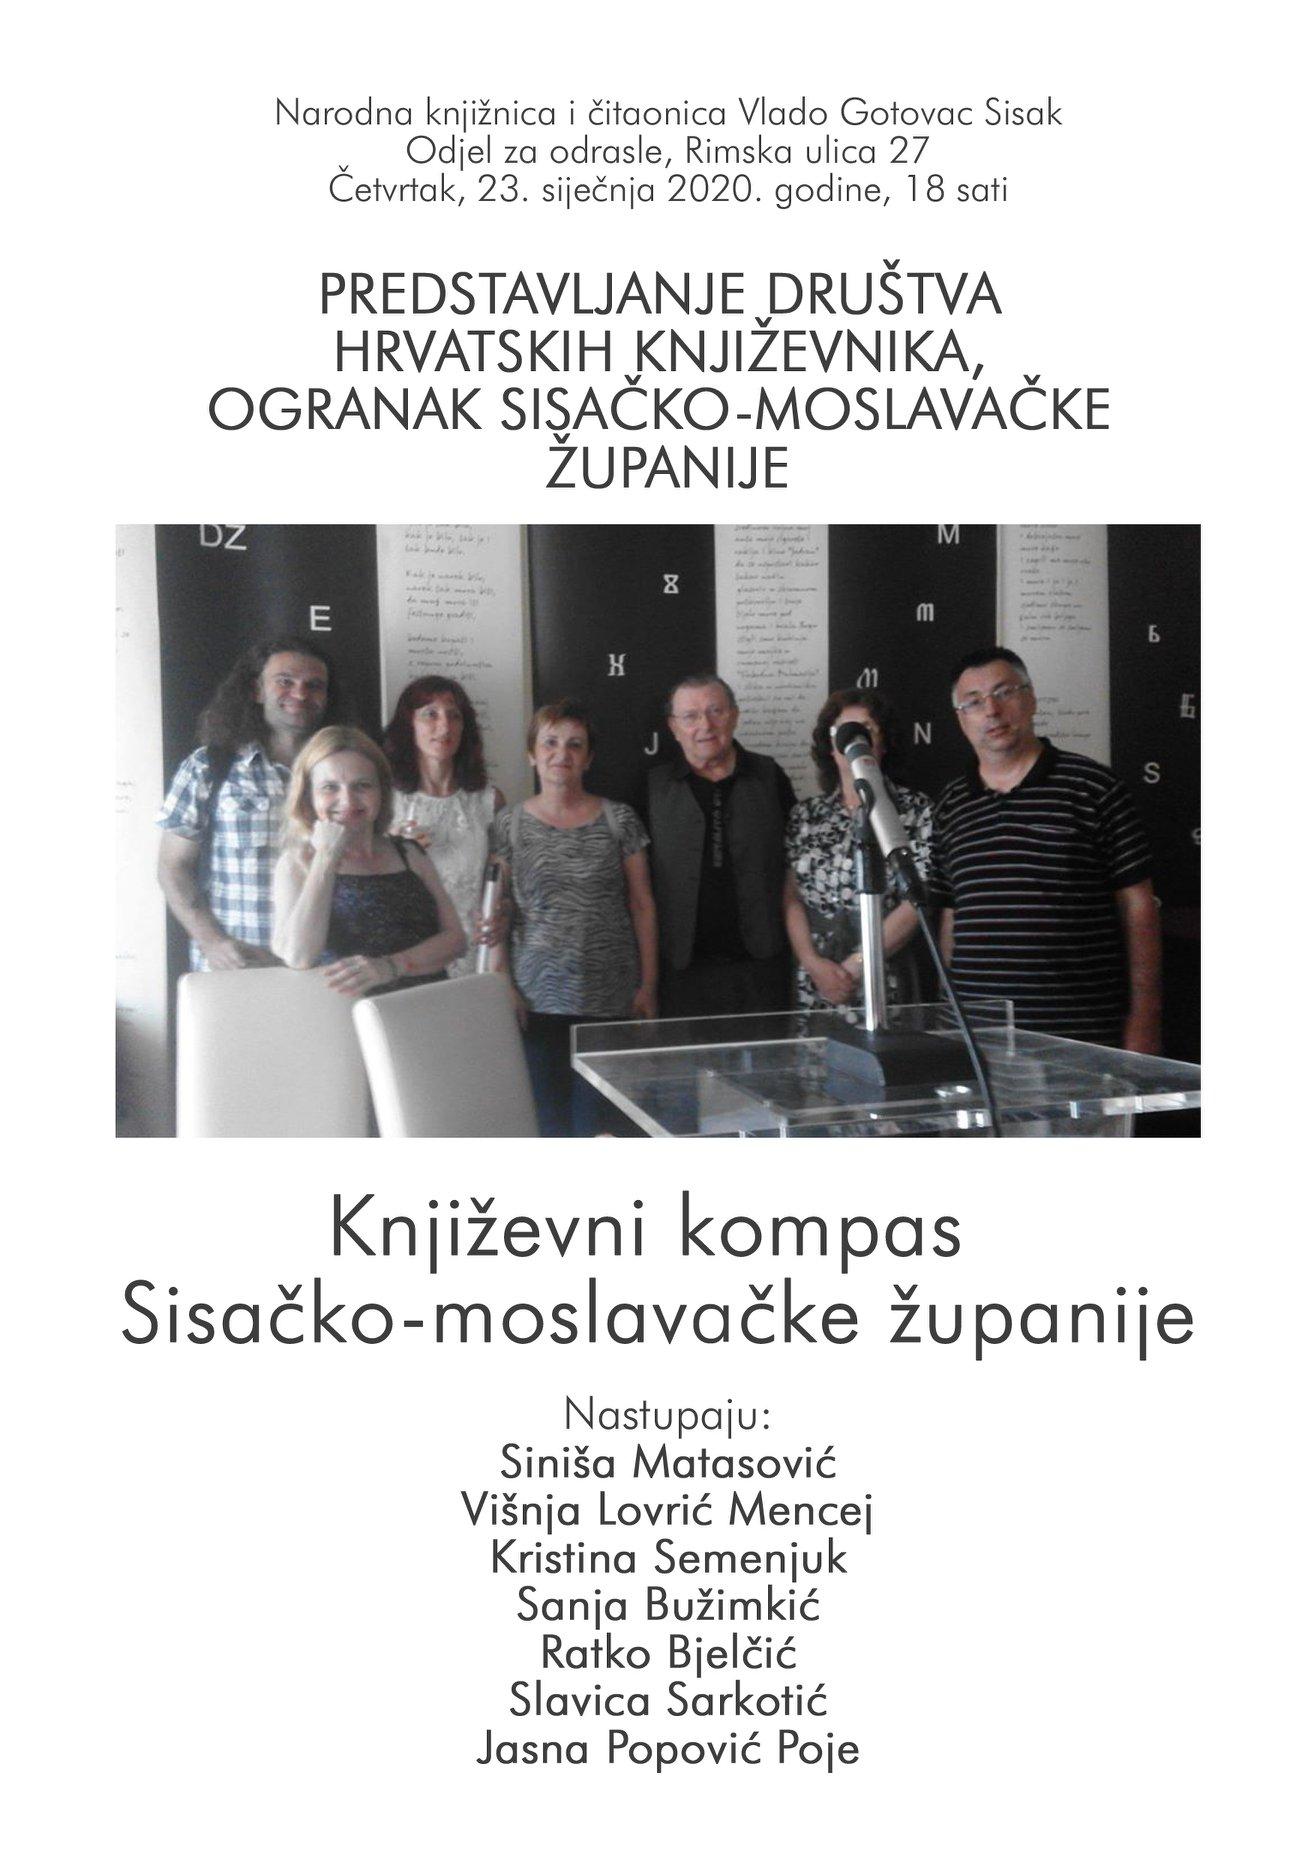 web stranica za upoznavanje s Švedske